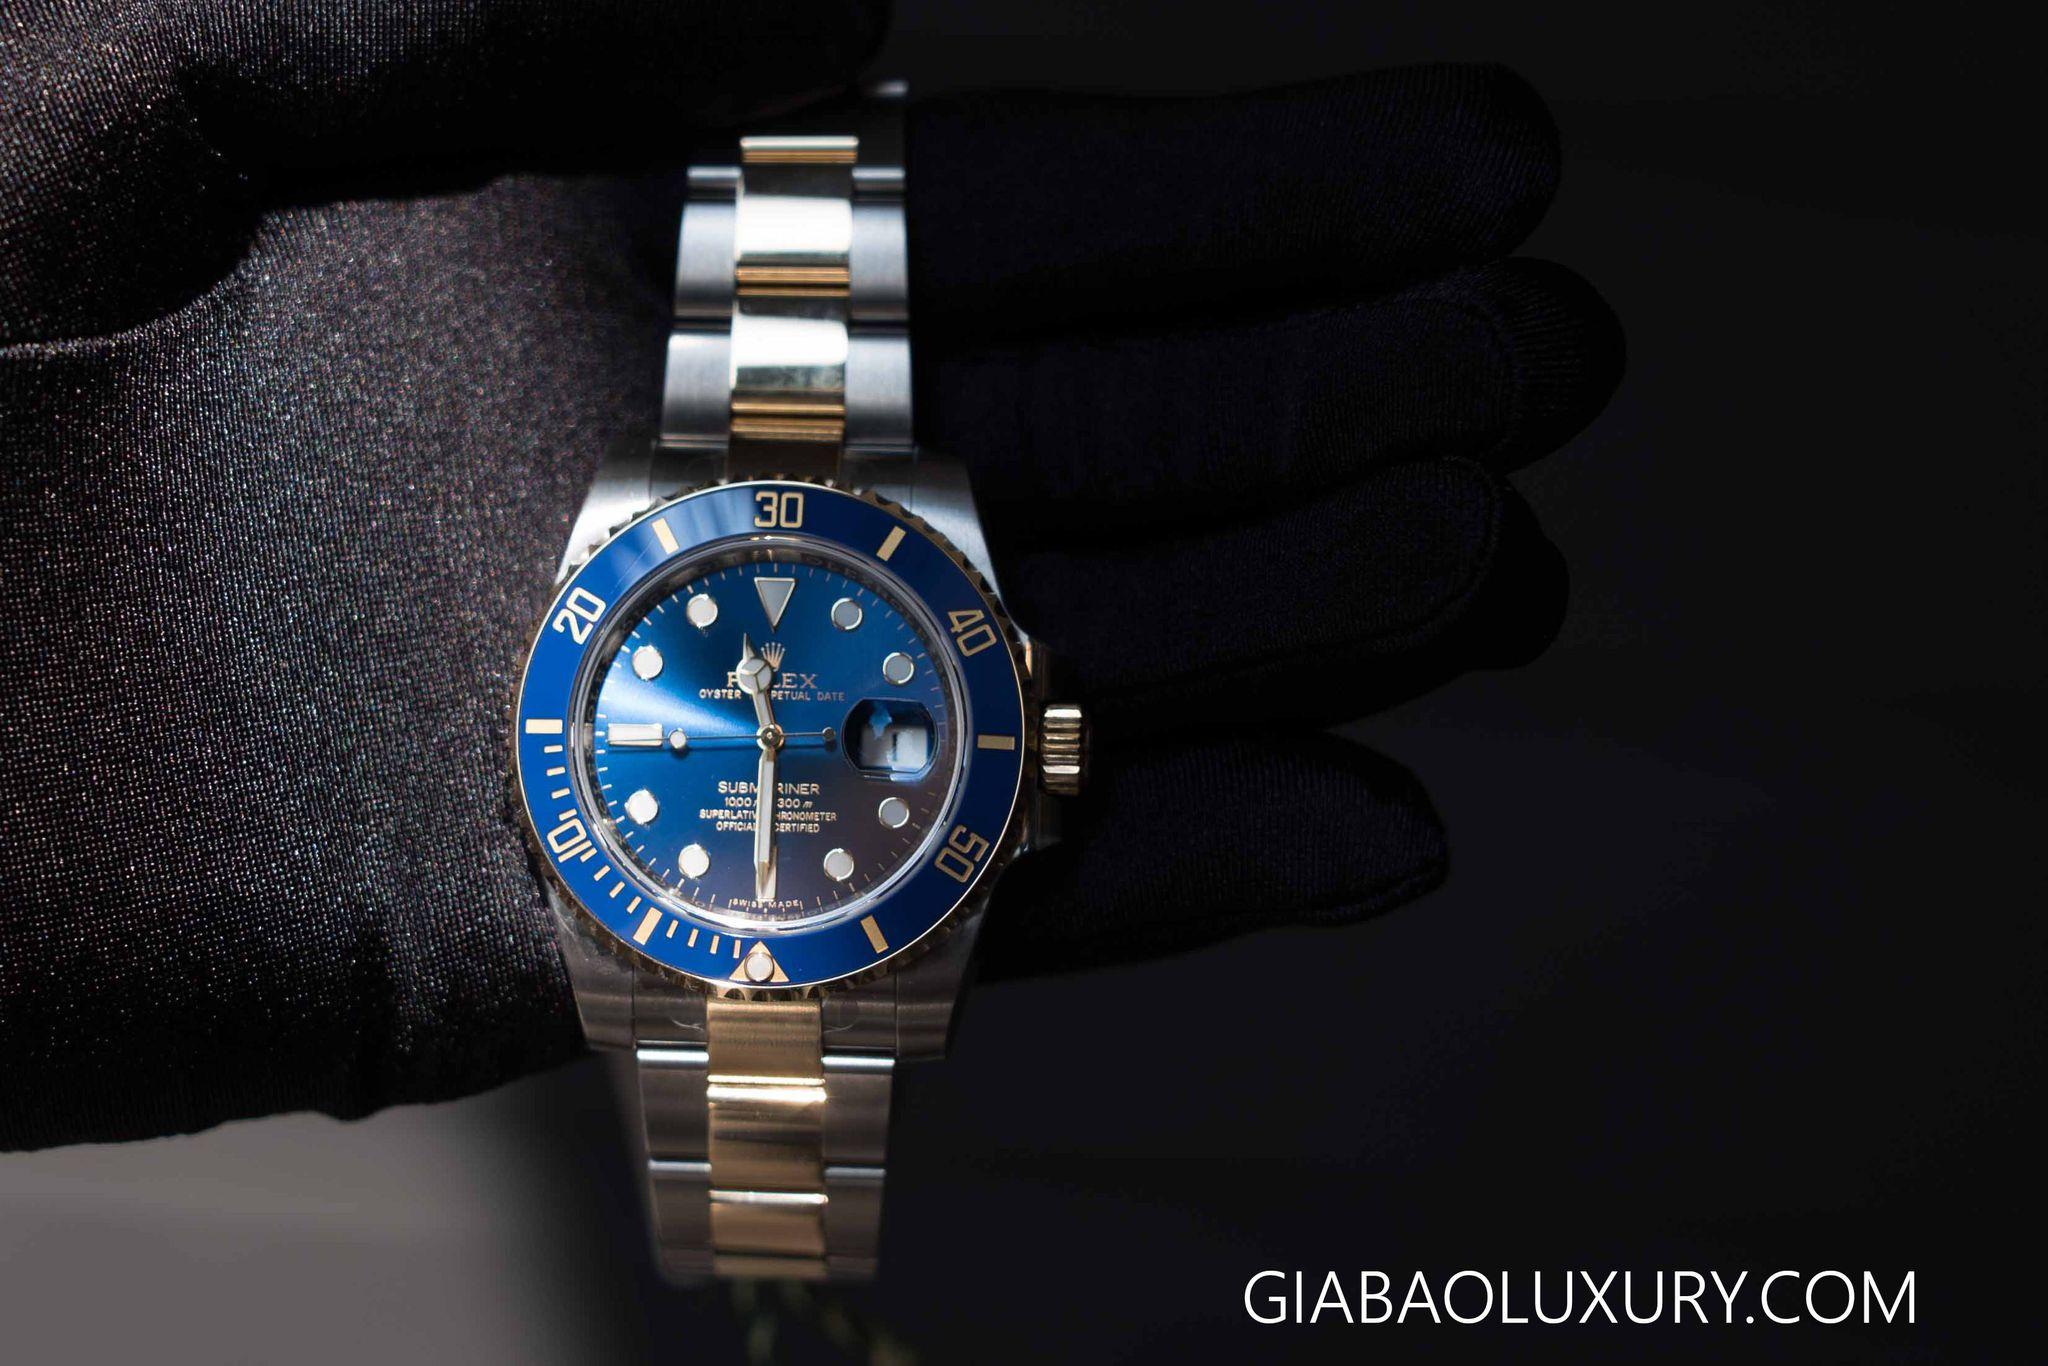 Mua đồng hồ Rolex chính hãng tại các đại lý Rolex ở Việt Nam